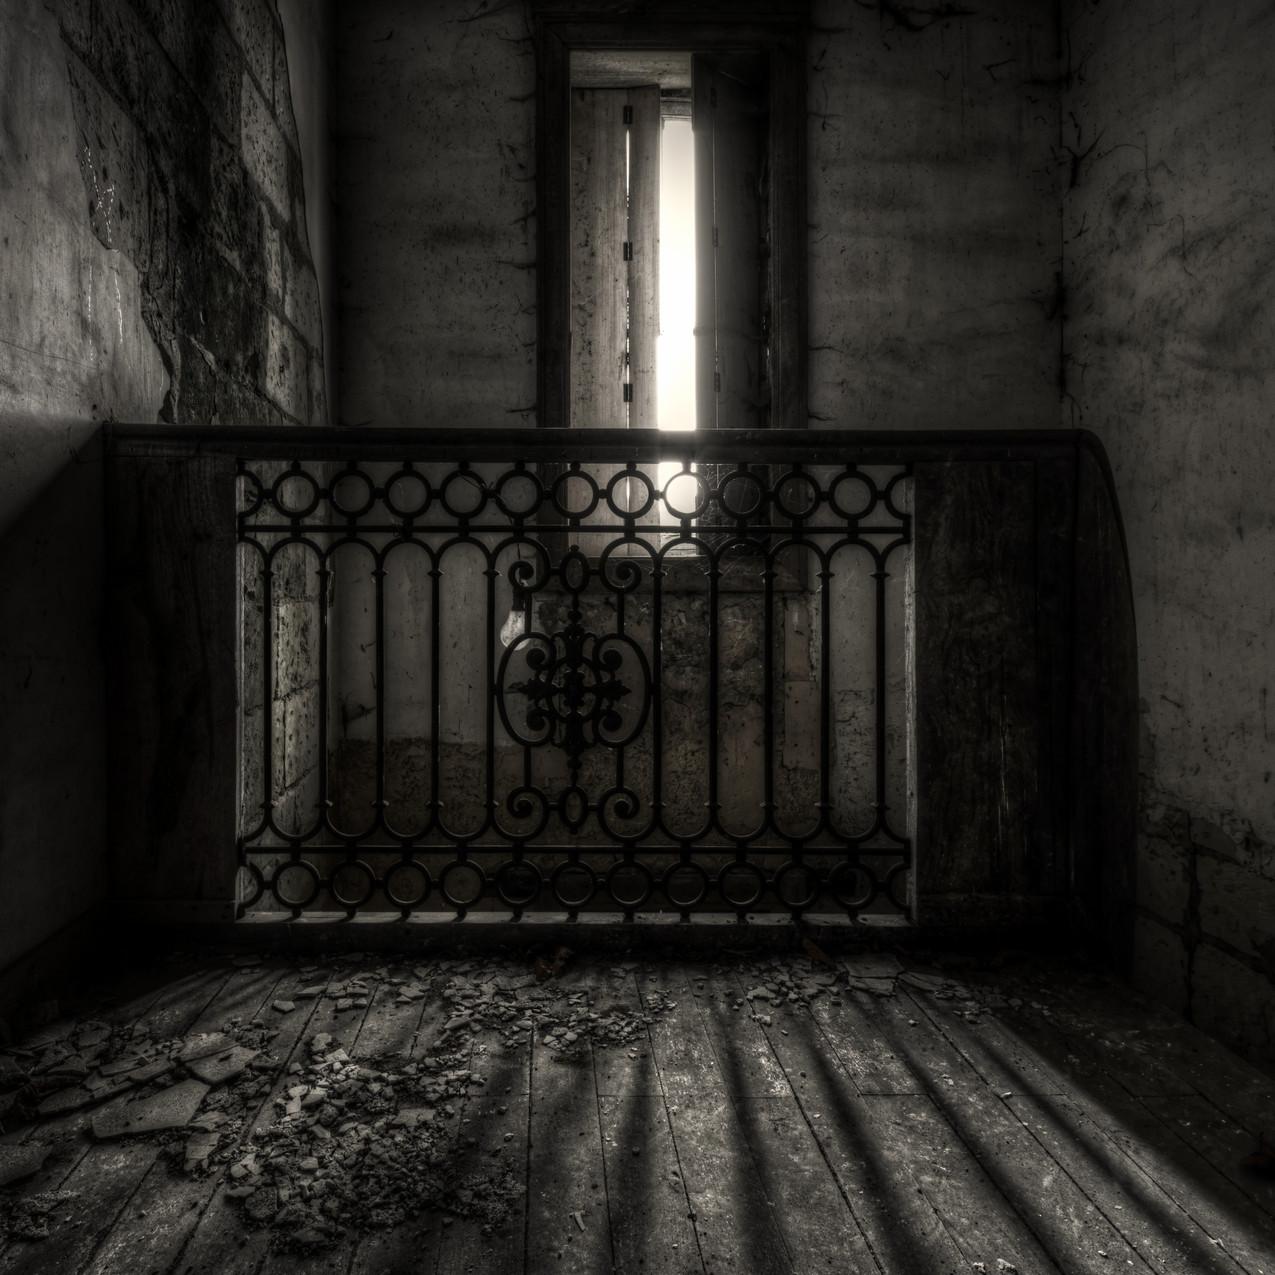 Urbex - Manoir de la vigne (L'escalier et son jeu d'ombre)